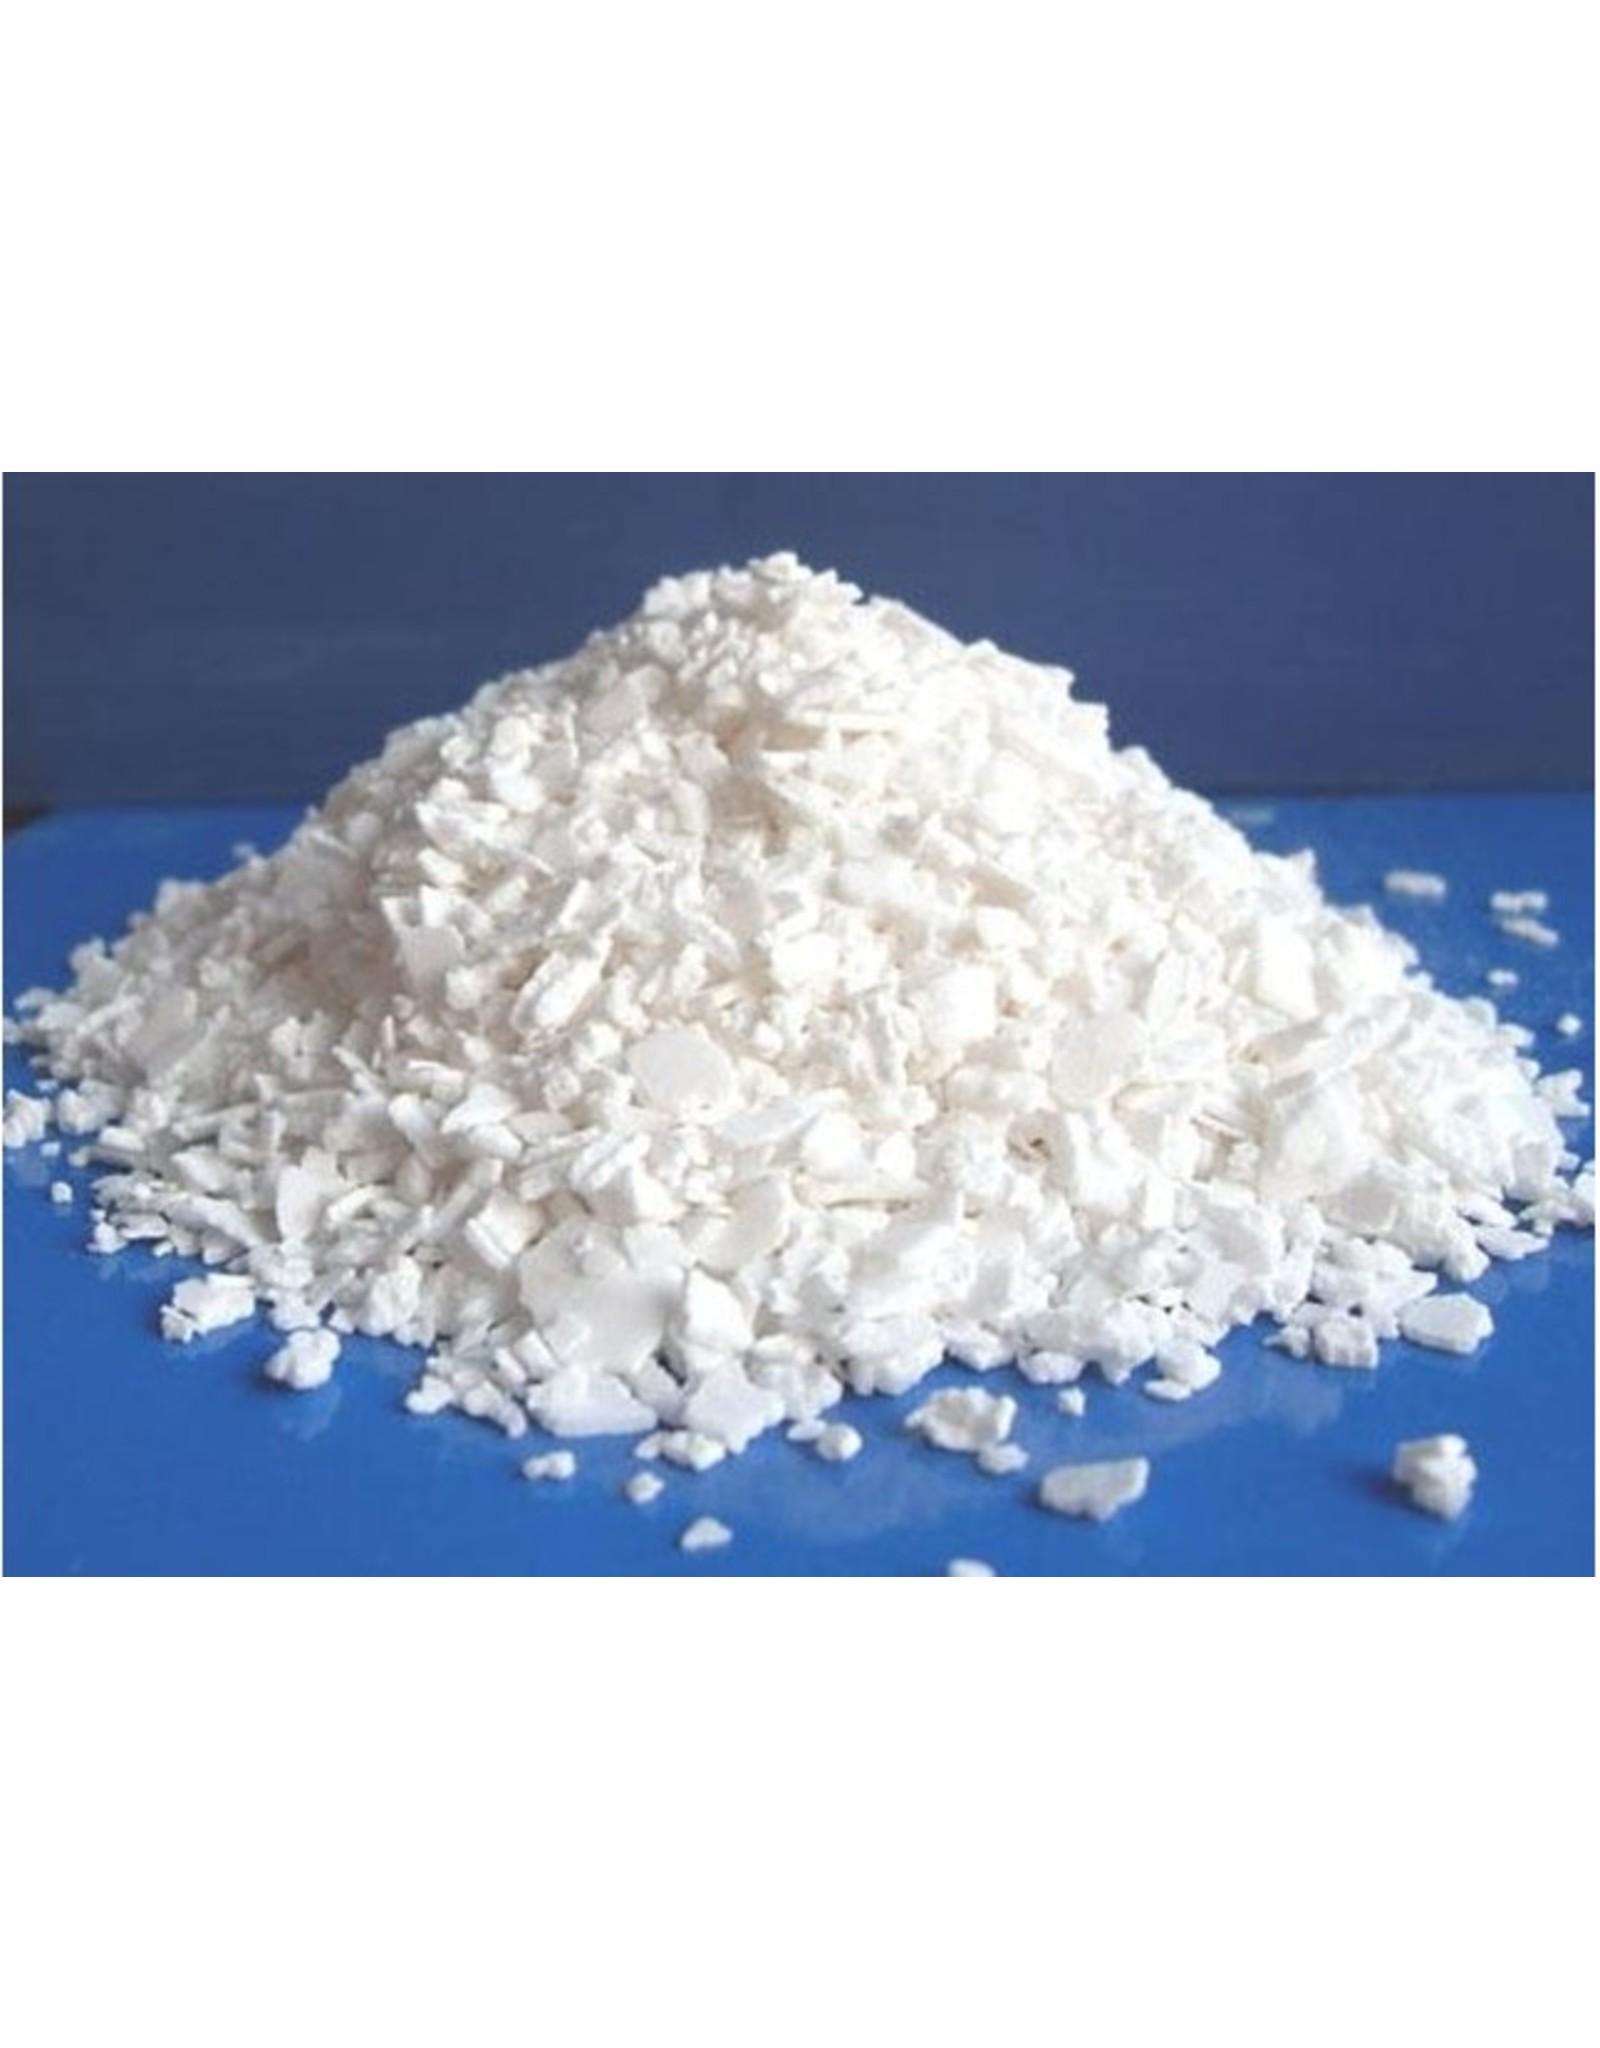 Calcium Chloride 1lb